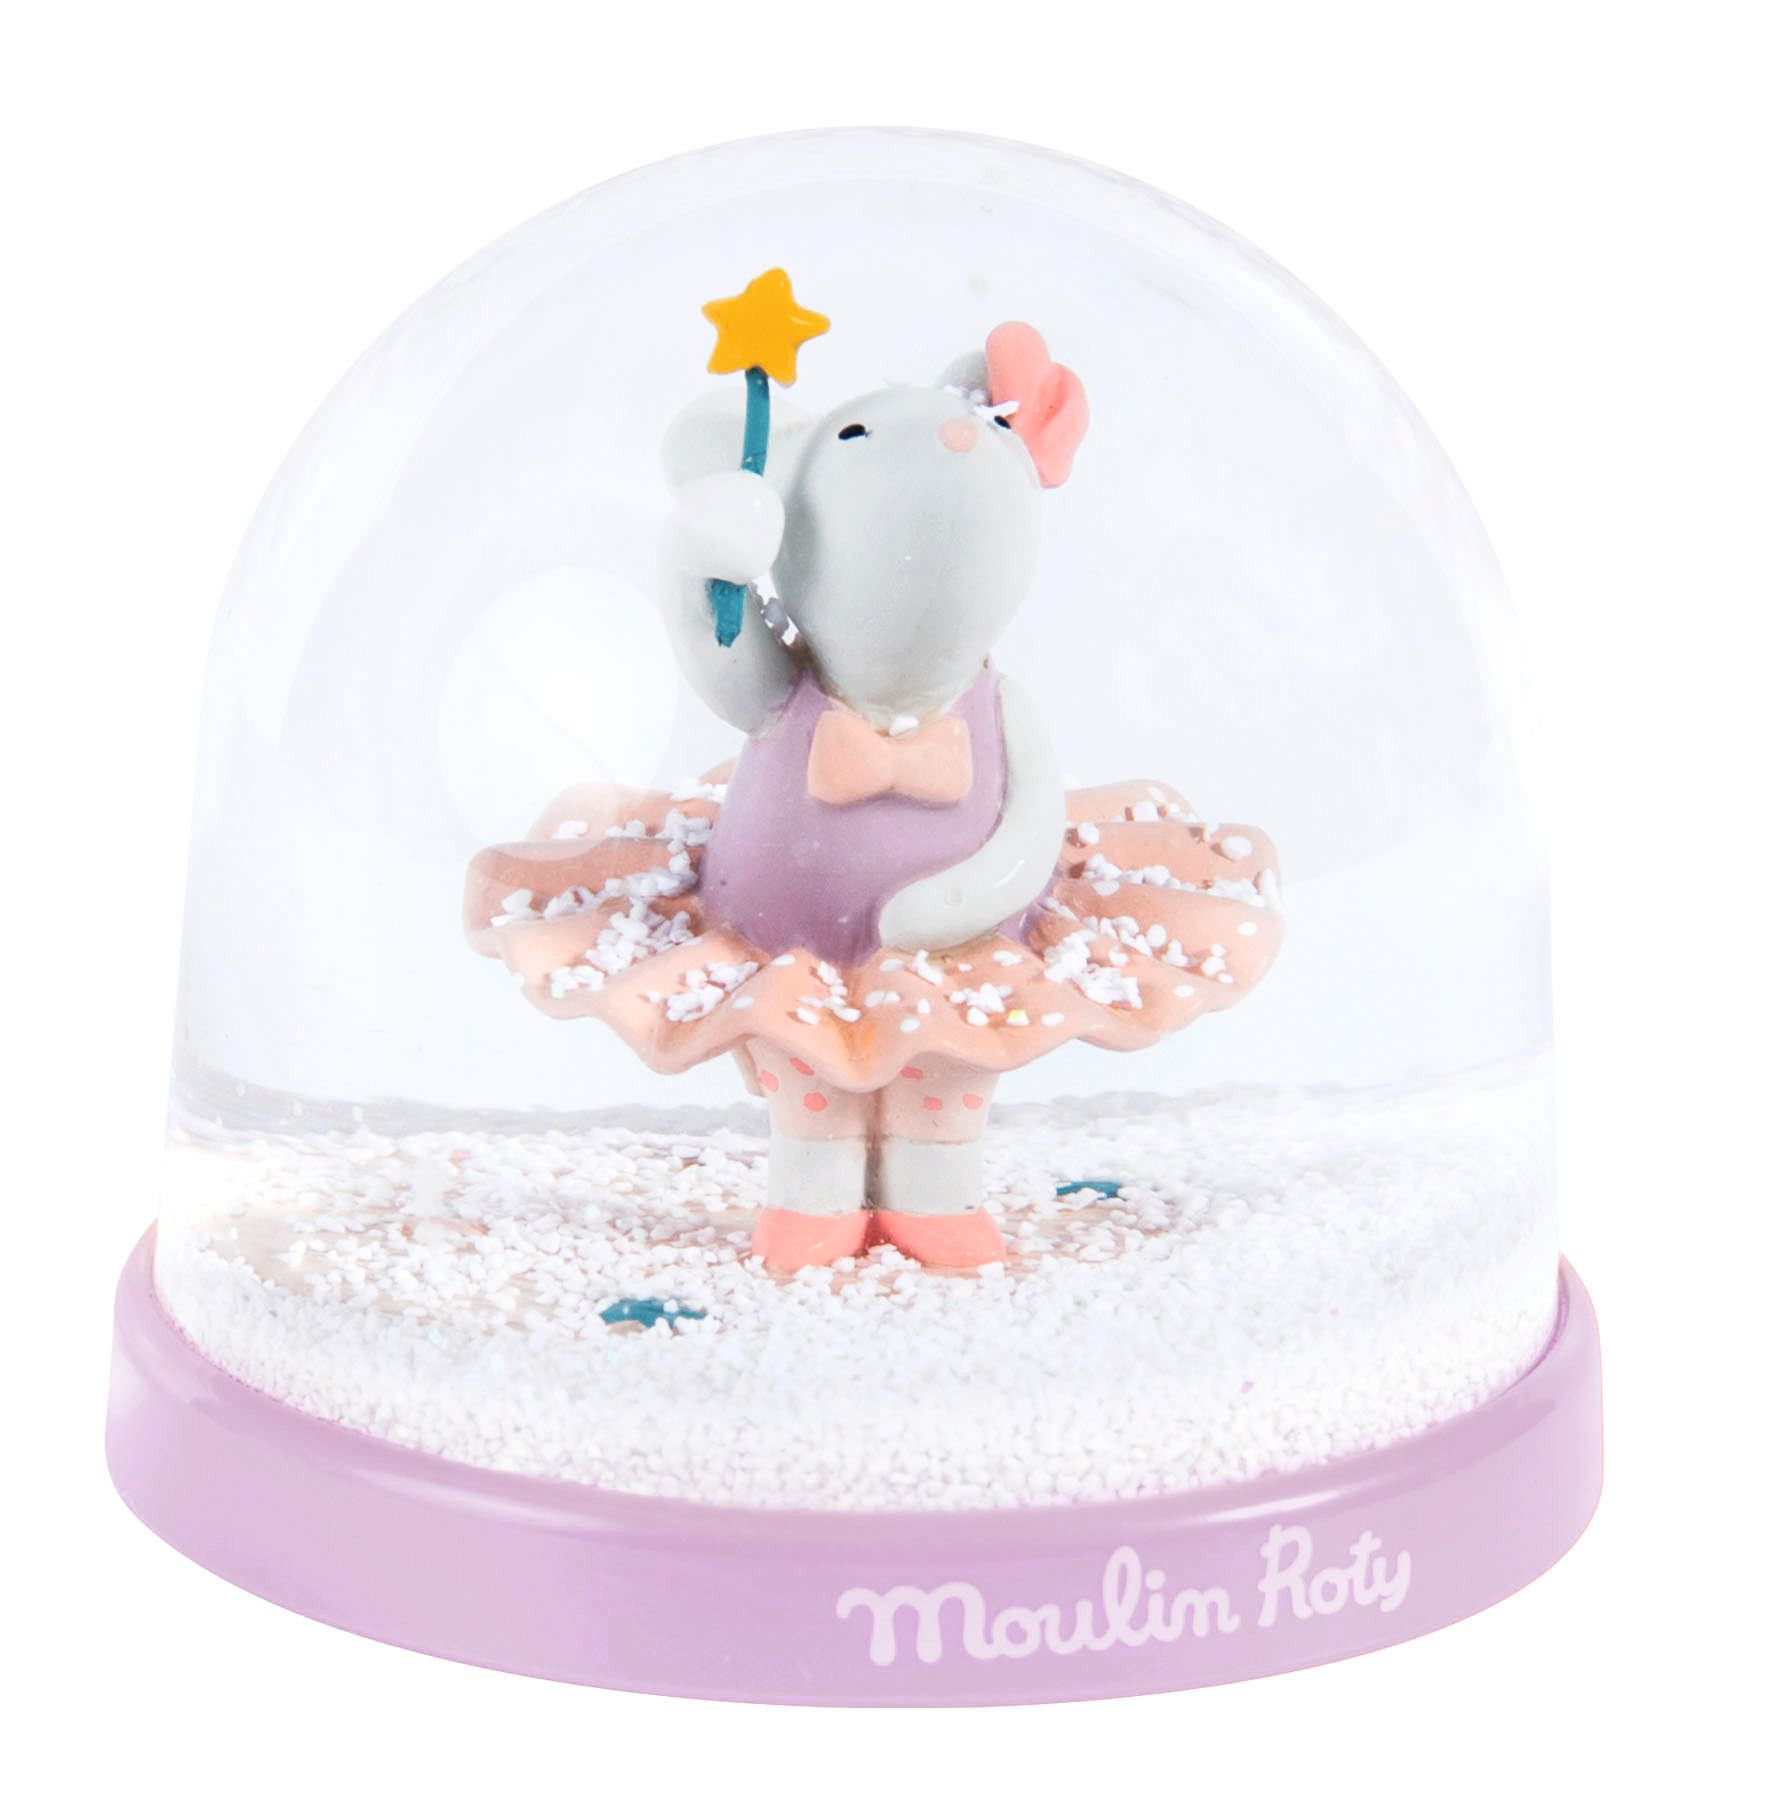 Globo de Neve Moulin Roty - Ratinha Era uma Vez...